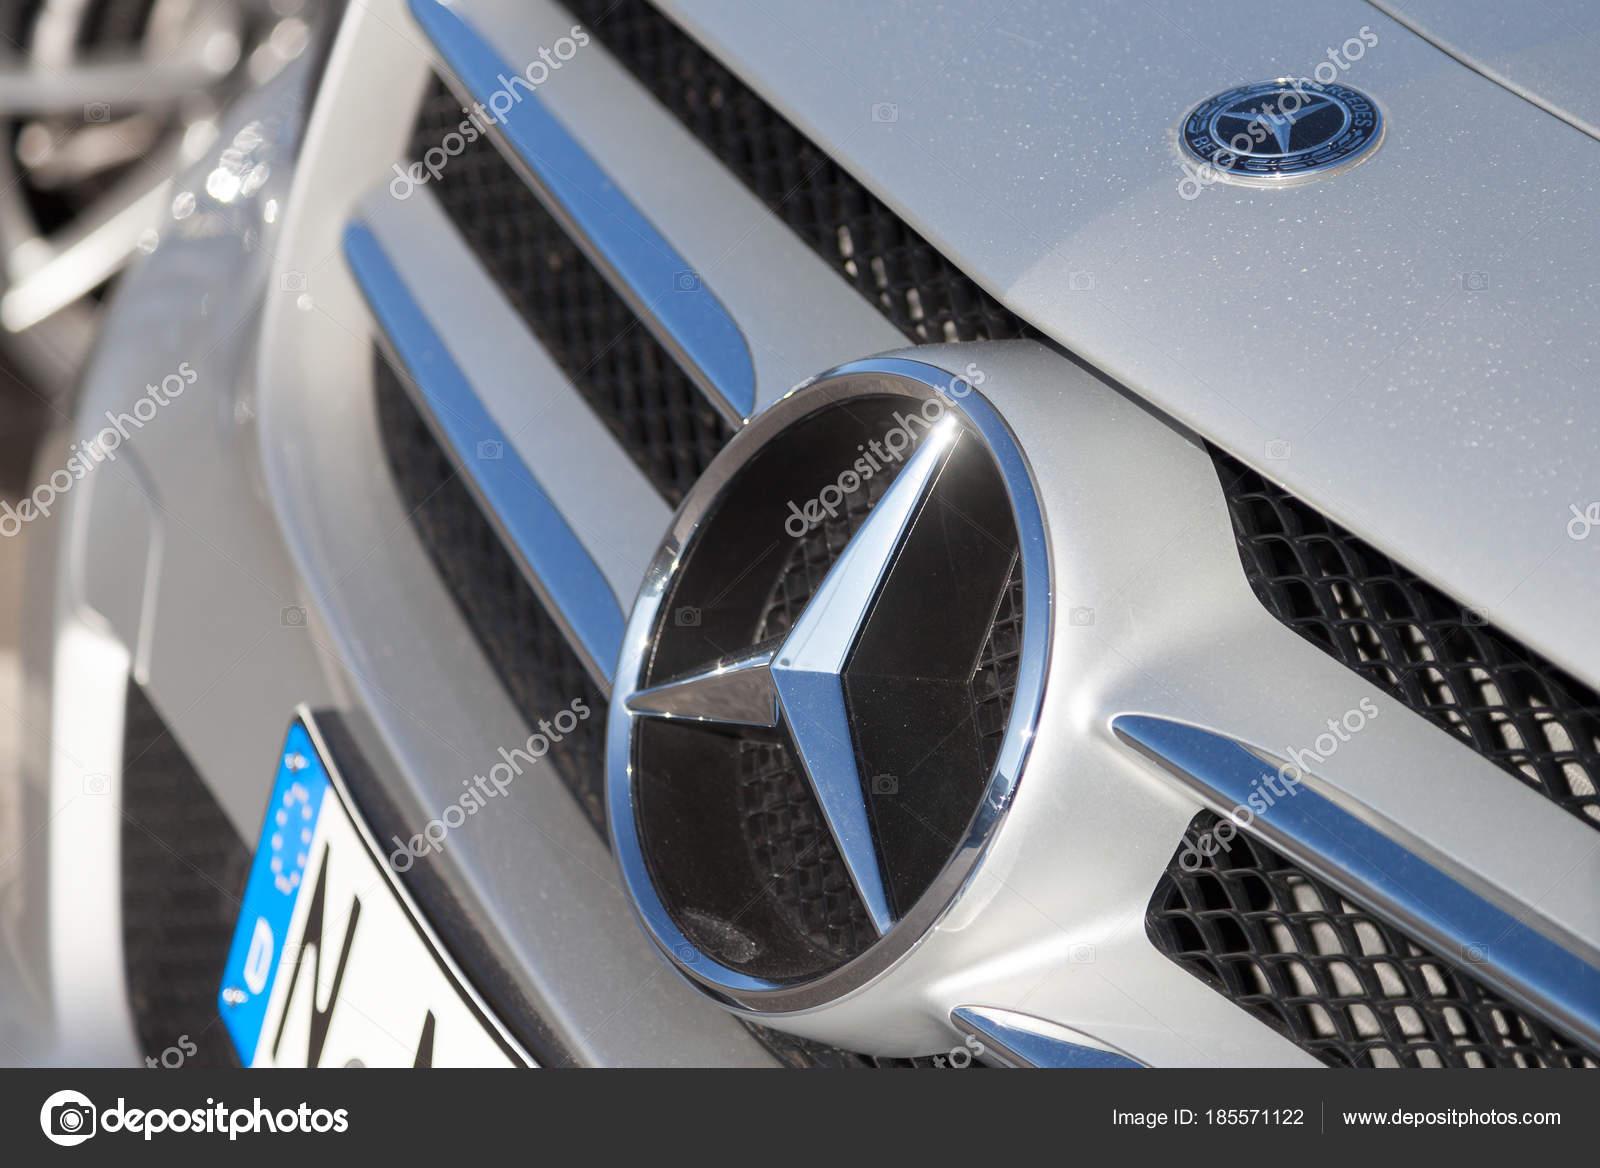 fuerth germany february 2018 mercedes benz symbol car mercedes benz